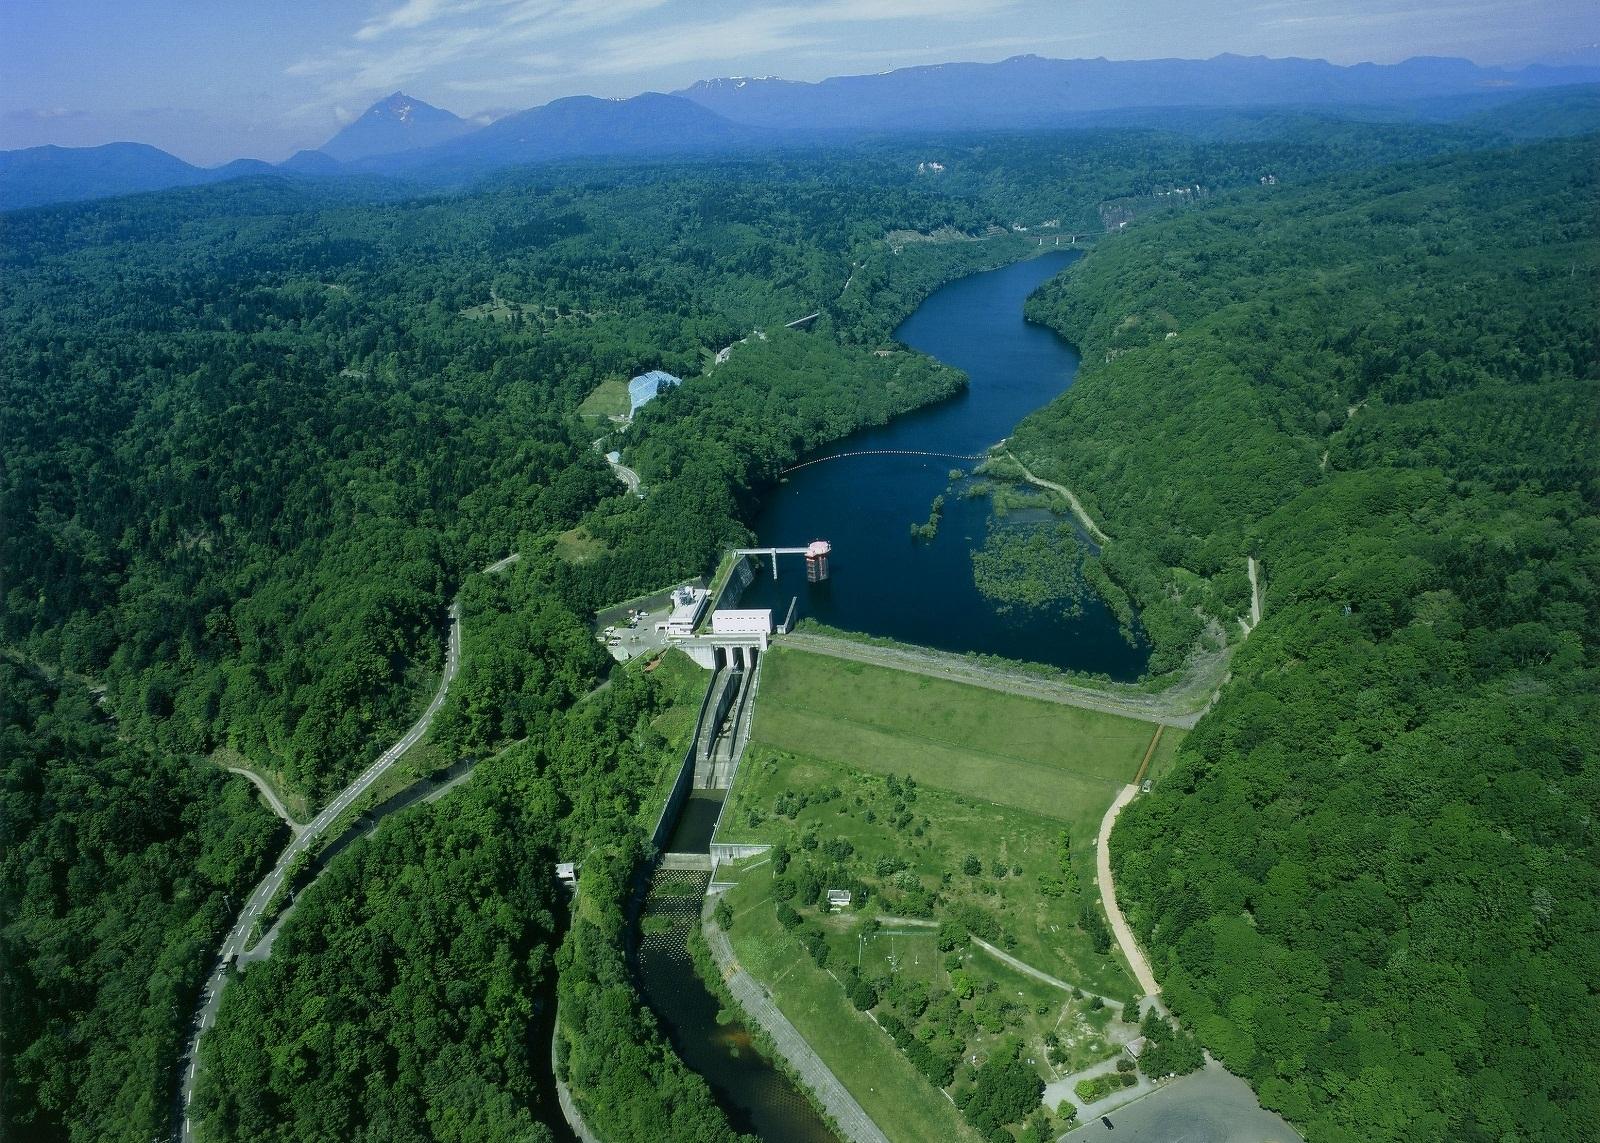 2つのダムを見学 漁川ダムと夕張シューパロダム  札幌発着 (6/4) 札幌